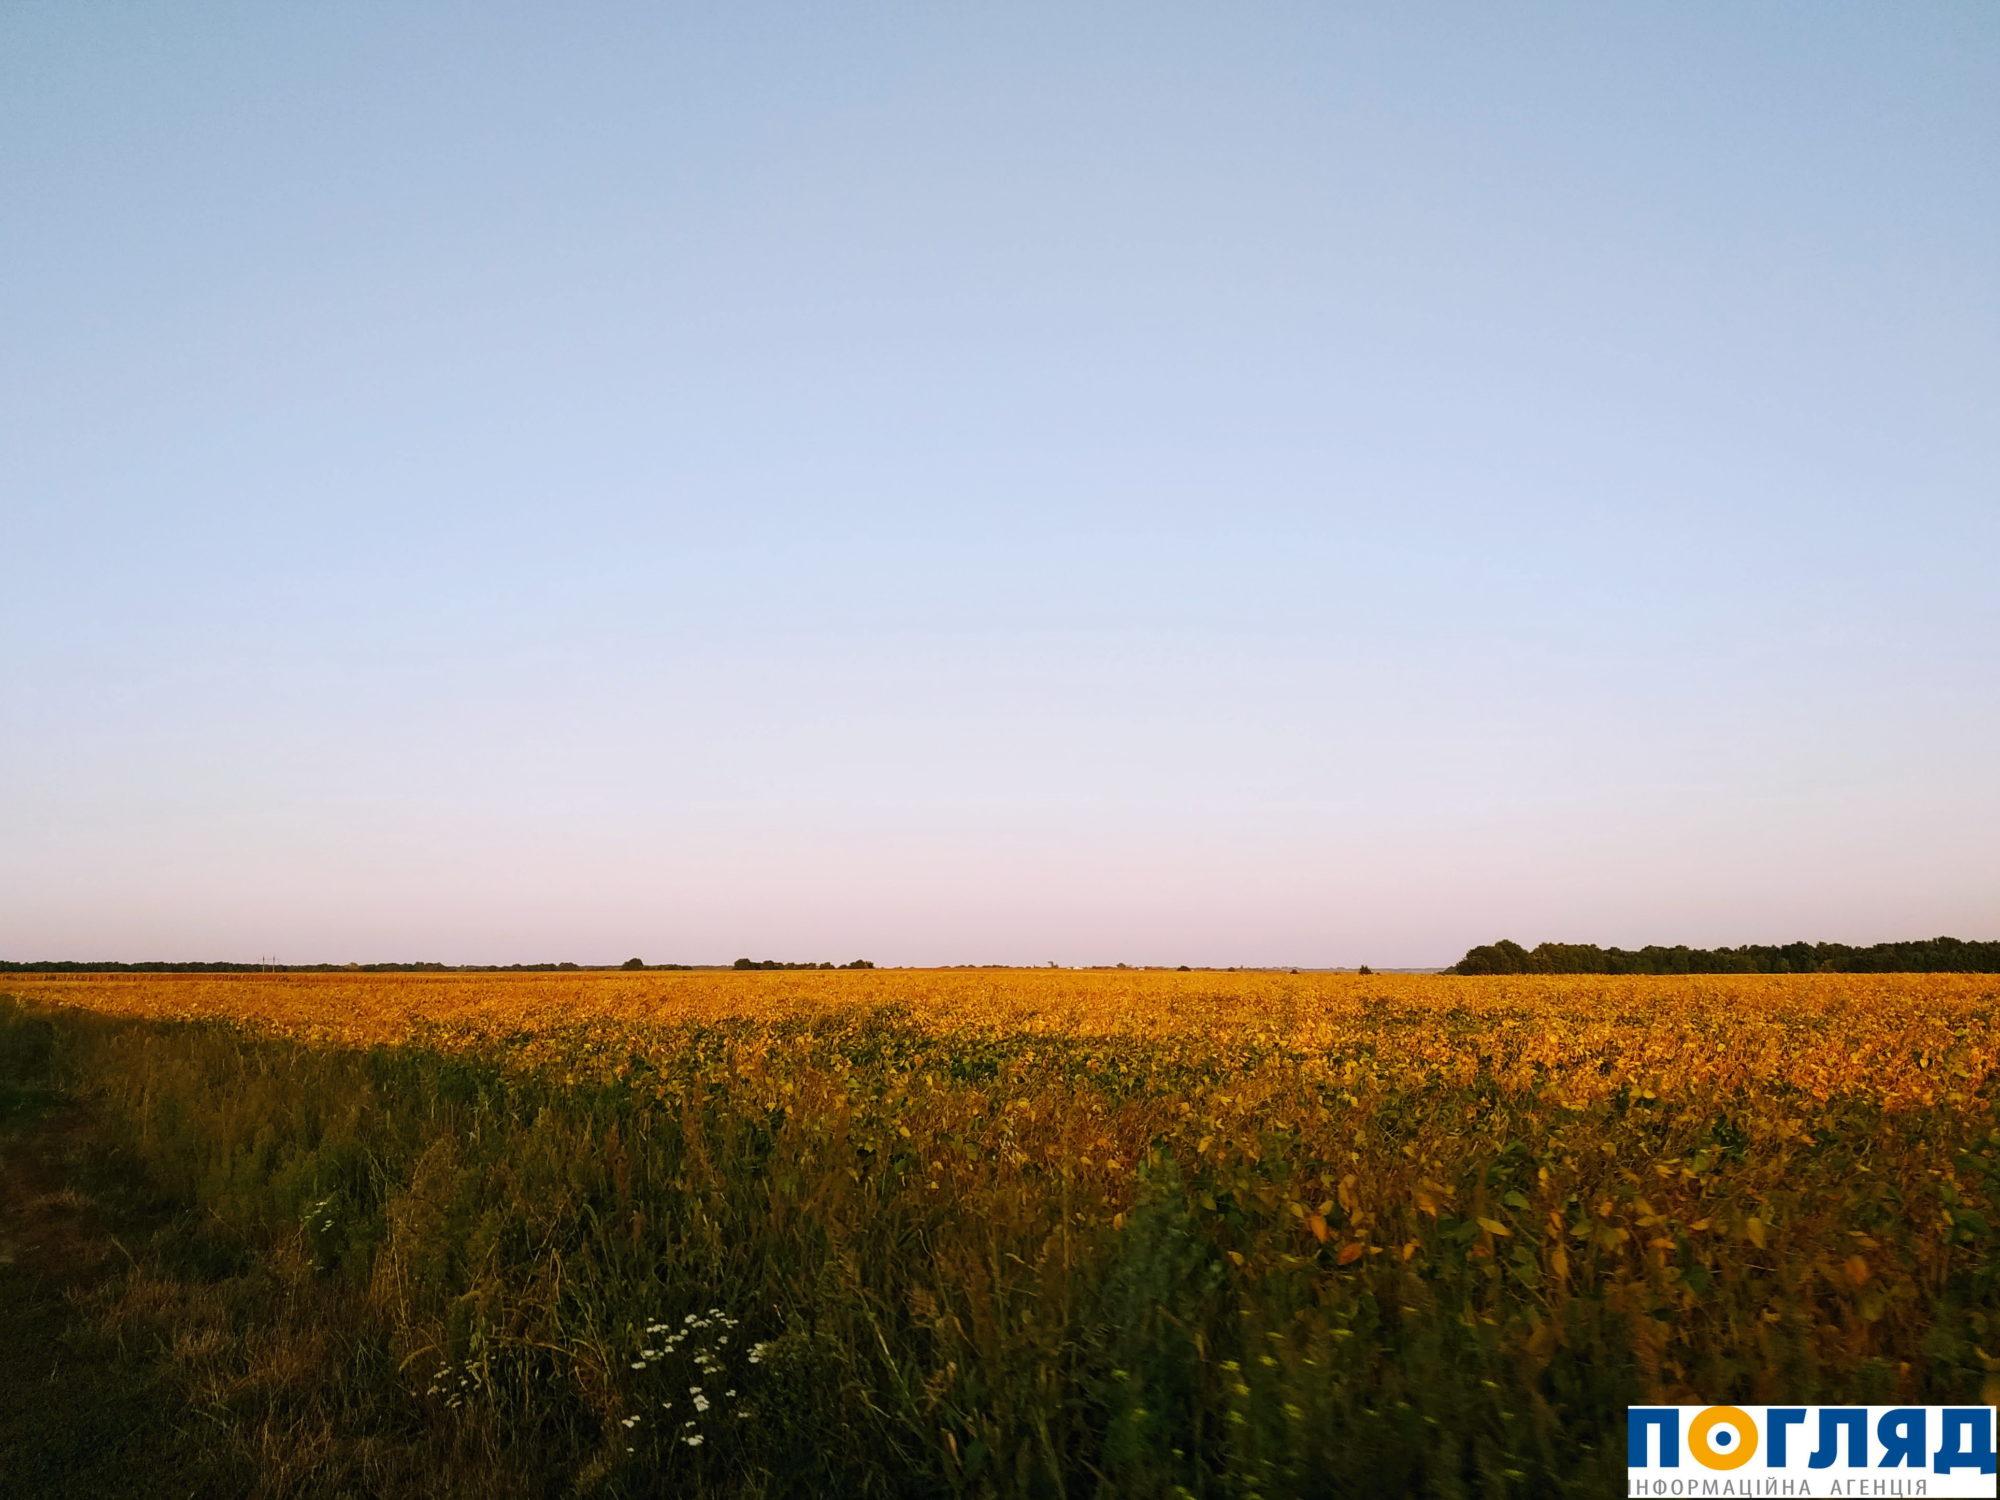 IMG_20190825_193140-2000x1500 «Земельна» статистика українців та їх ставлення до ринку землі